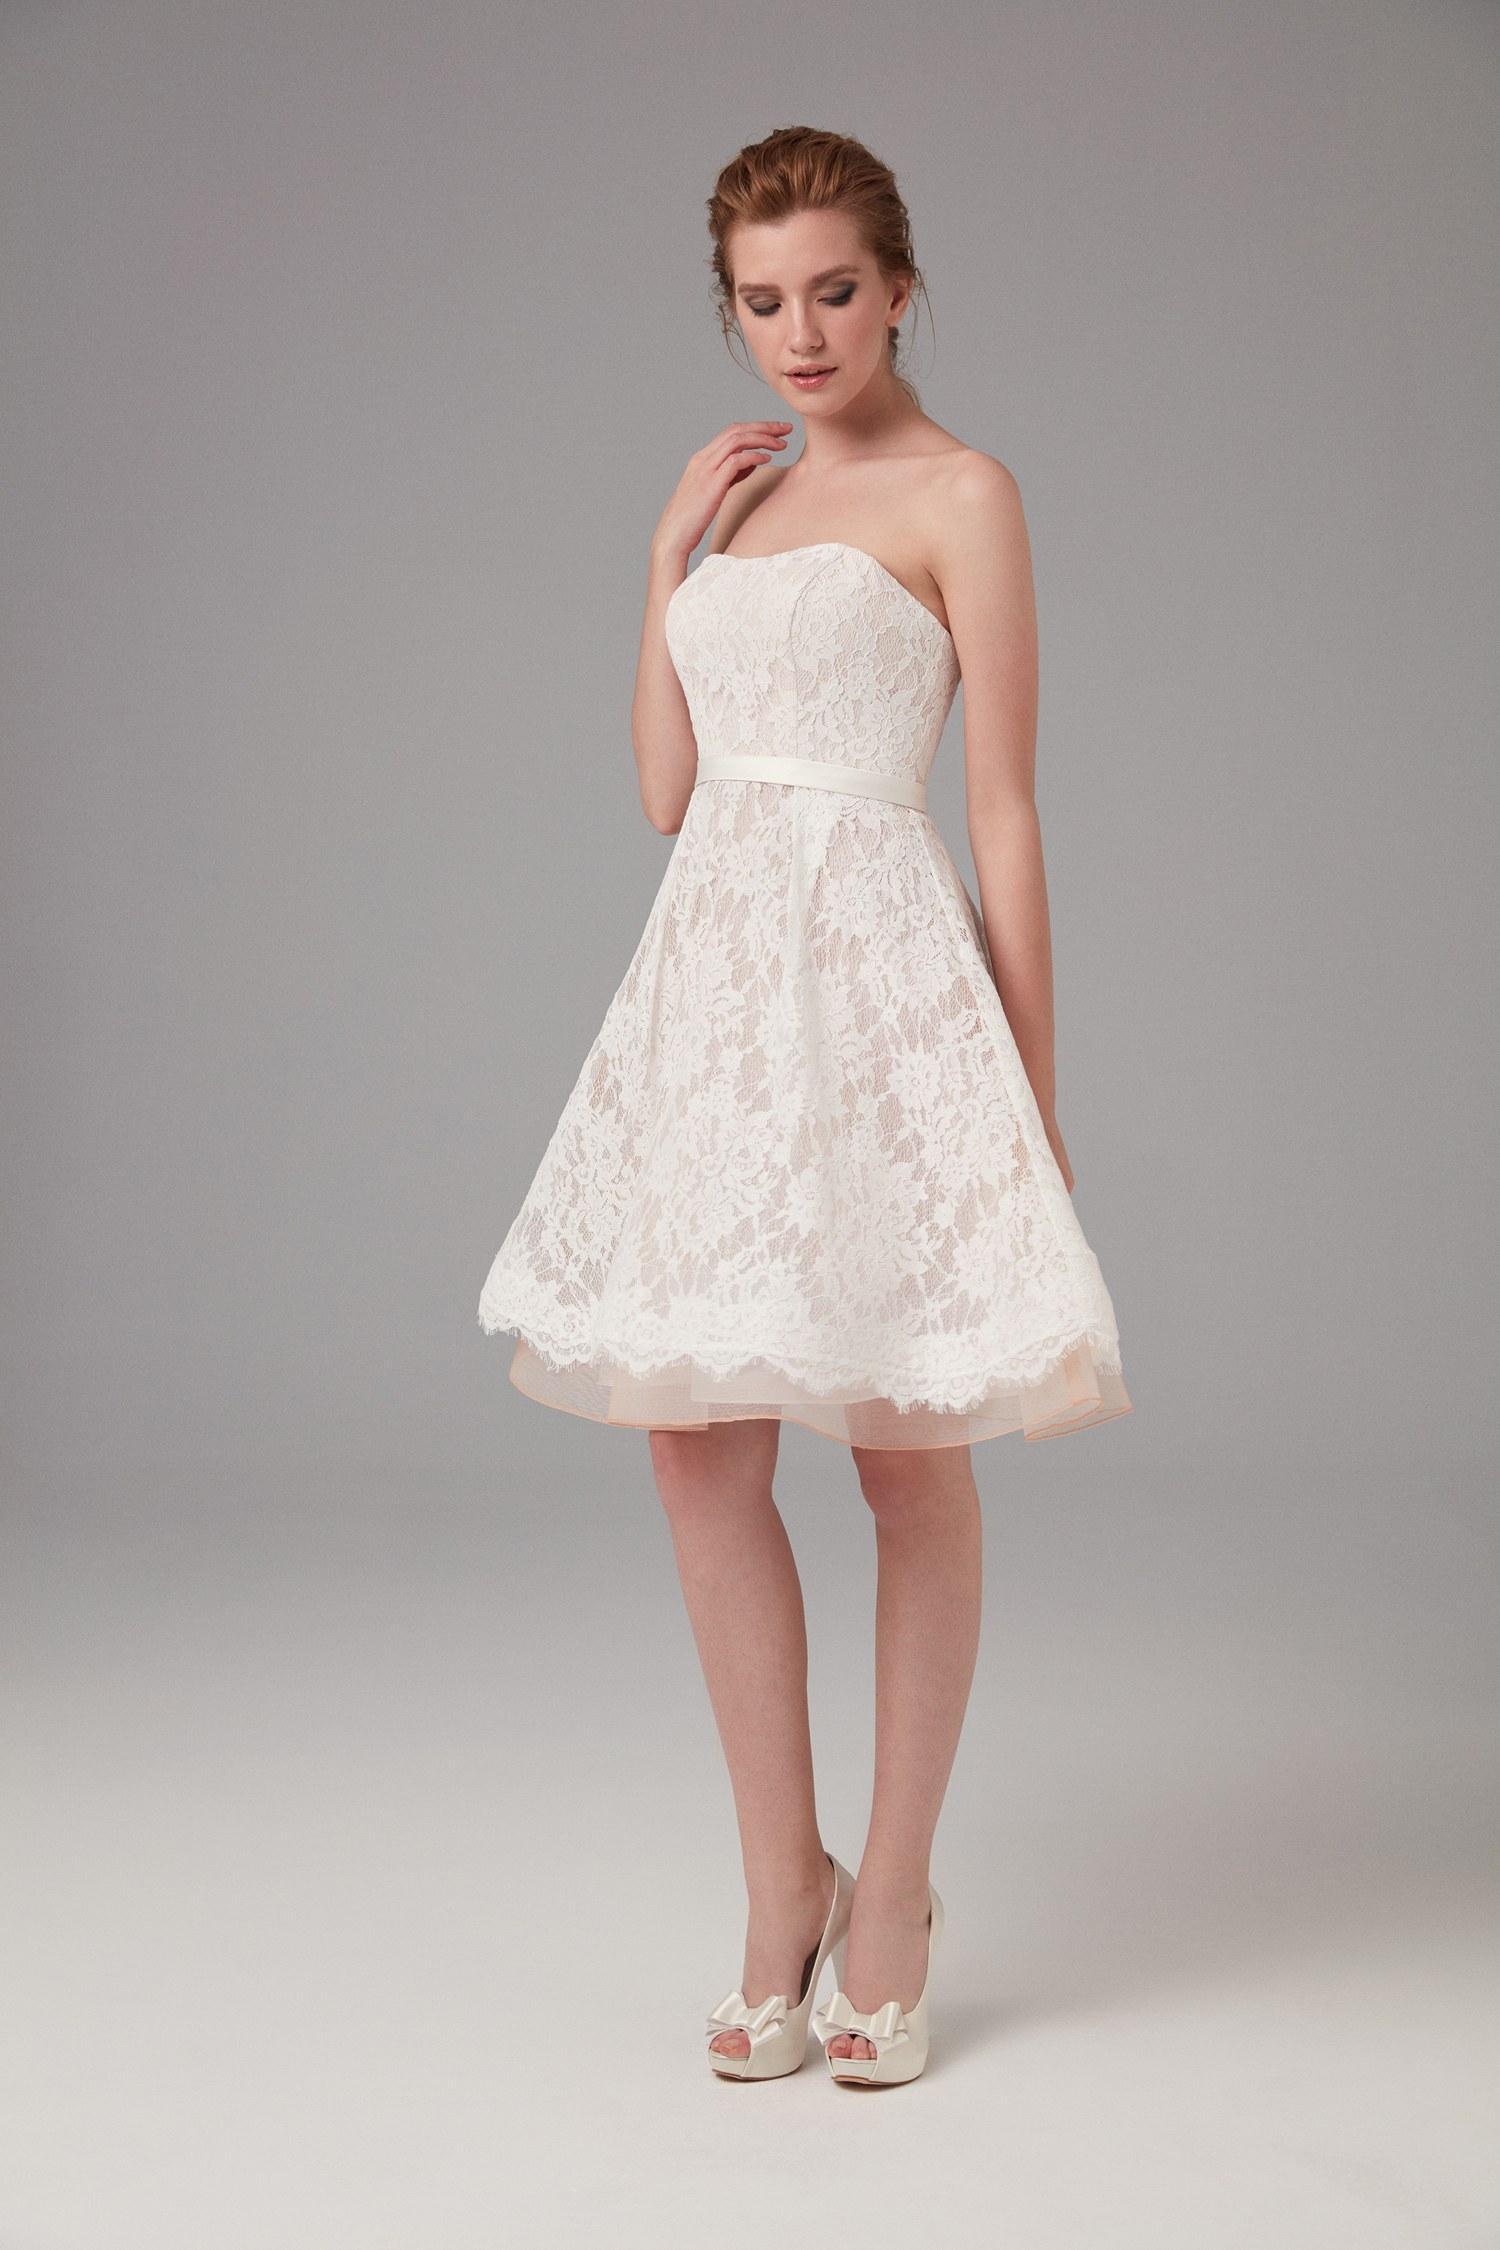 beyaz straplez elbise